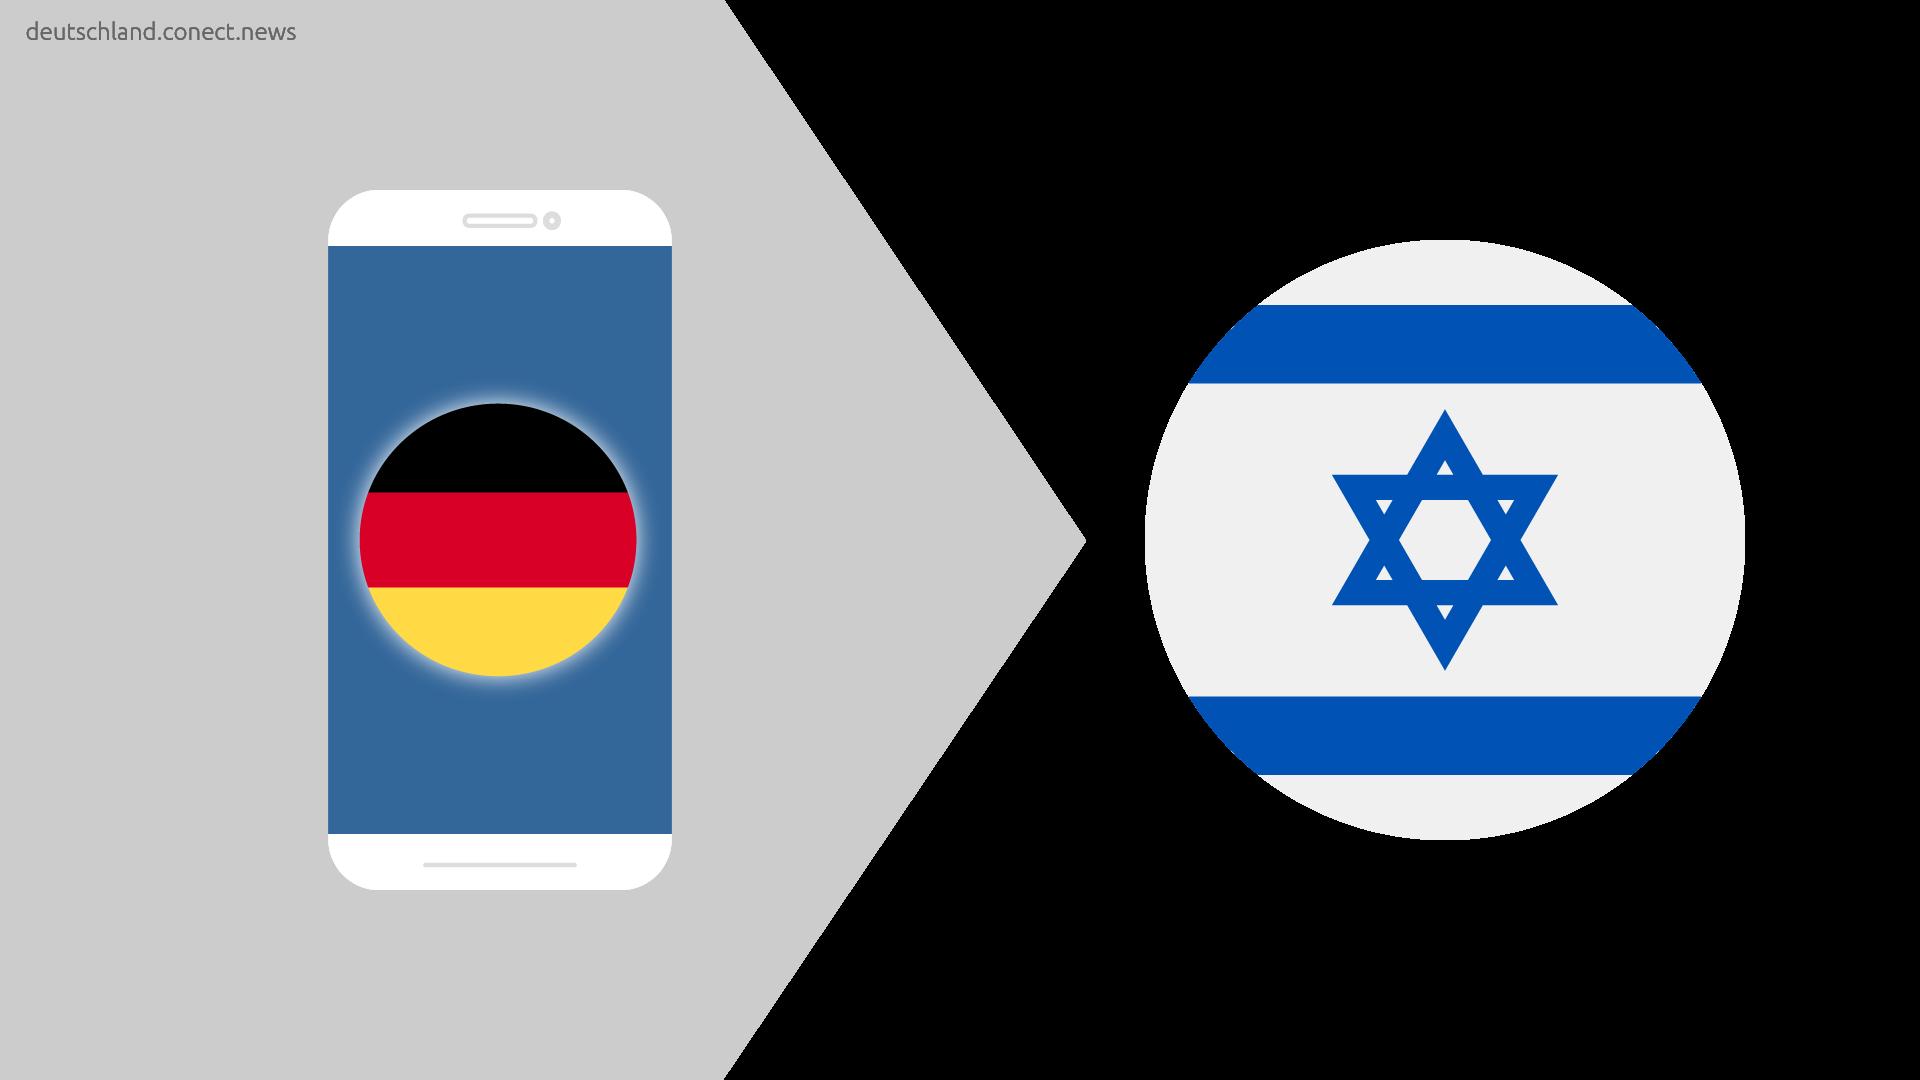 Günstiger von Israel nach Kanada @conetc_news